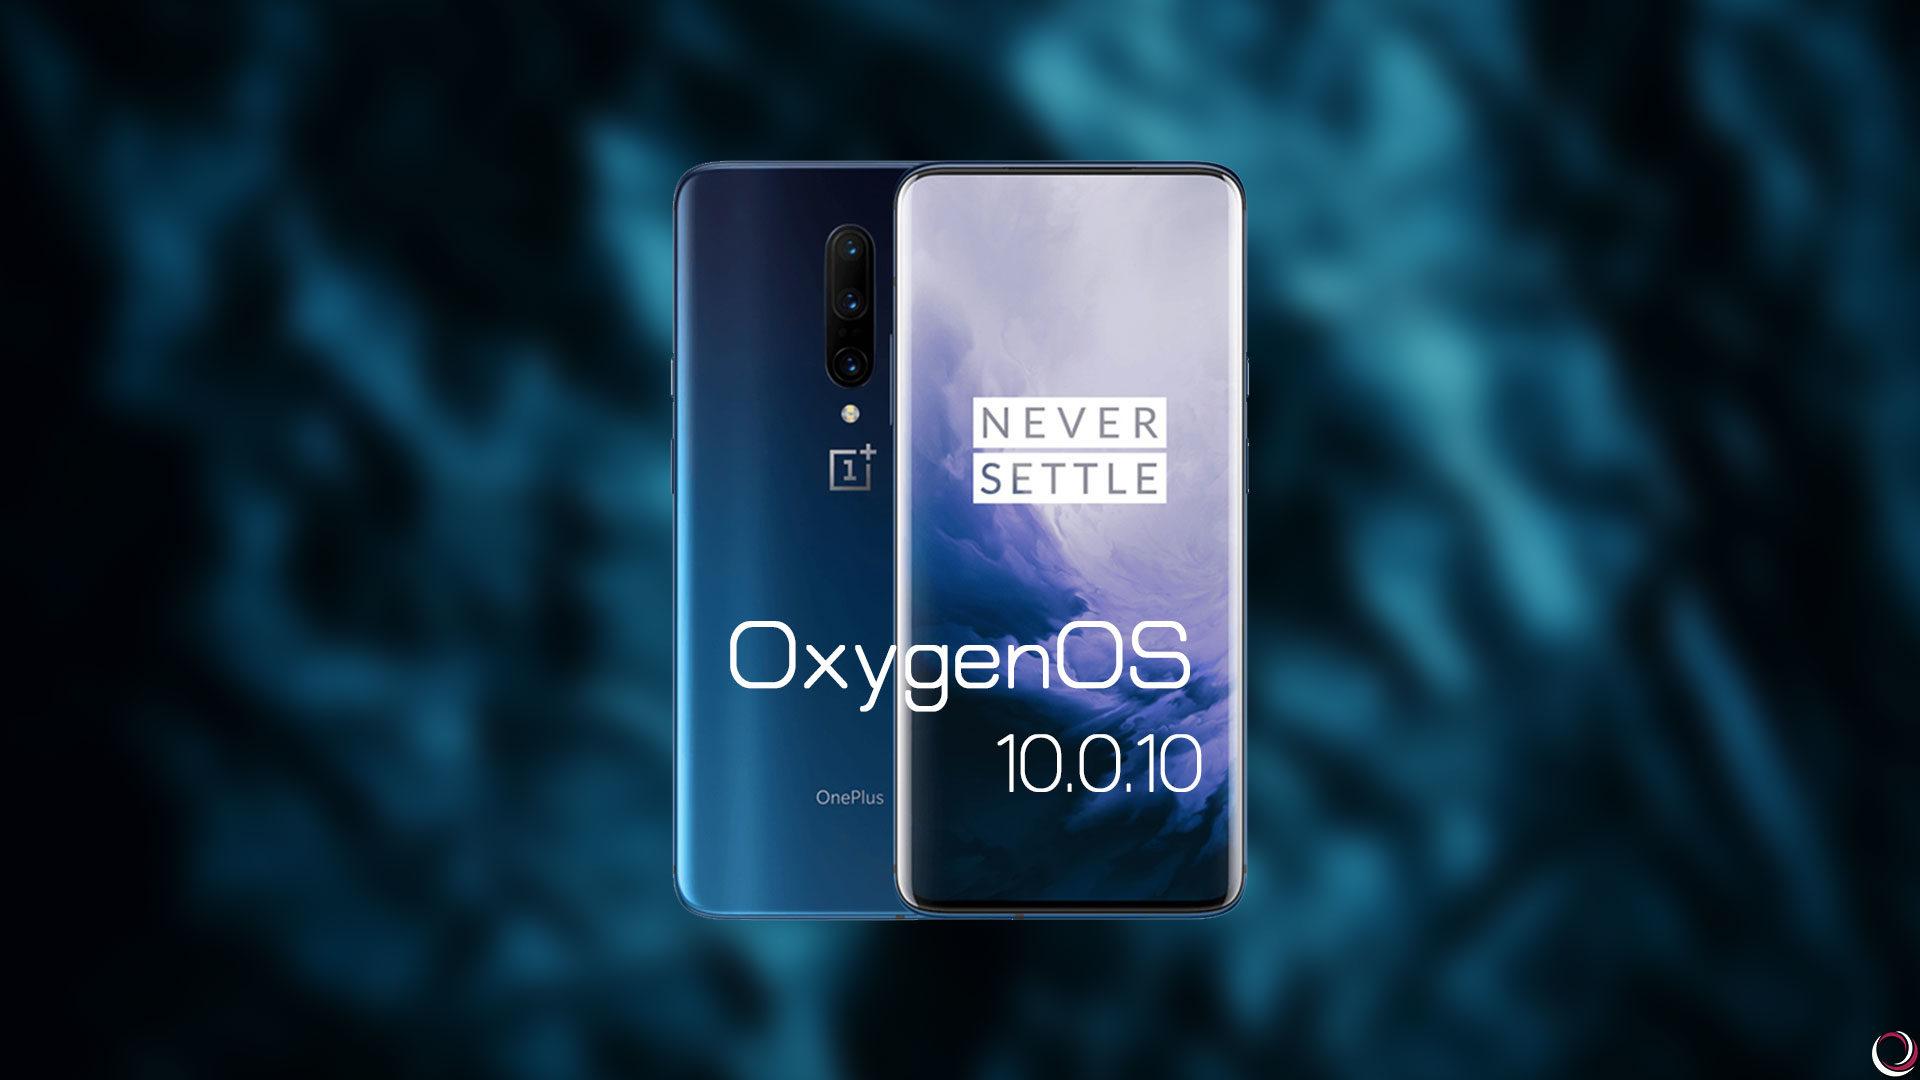 「OnePlus 7/7 Pro」向けに通話時の誤タッチを防ぐための改善が含まれる「OxygenOS 10.0.10」(10.3.7)がリリース